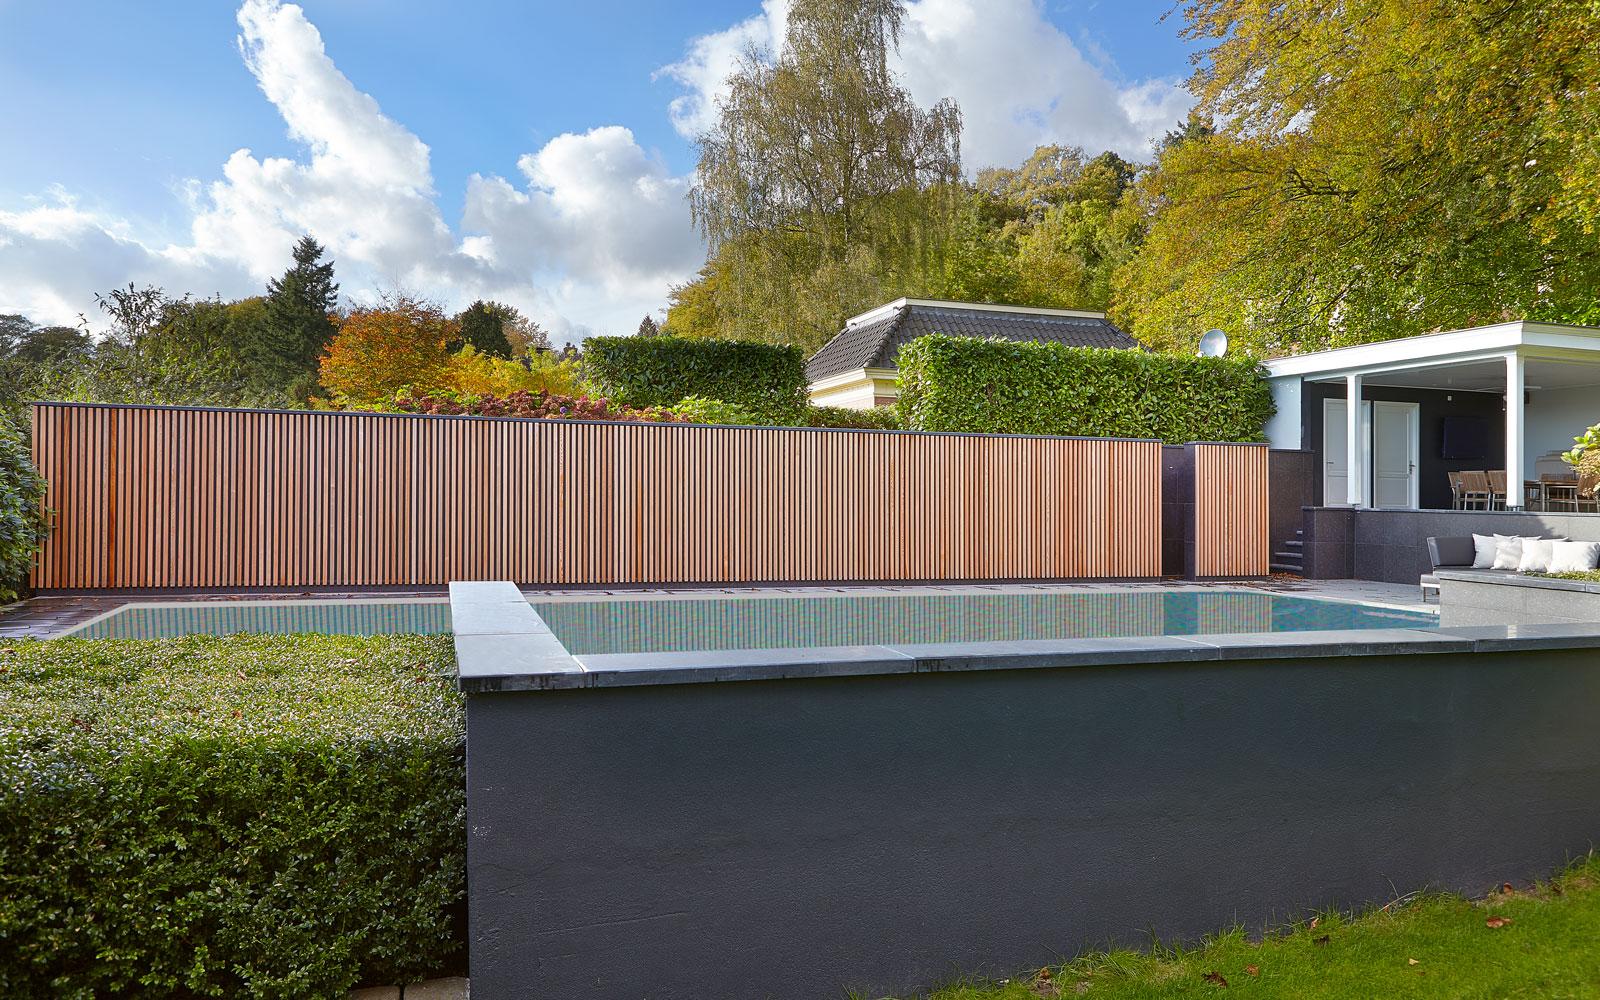 Zwembad, wellness, buitenzwembad, houten wand, afscheiding, klassiek herenhuis, Kees Marcelis